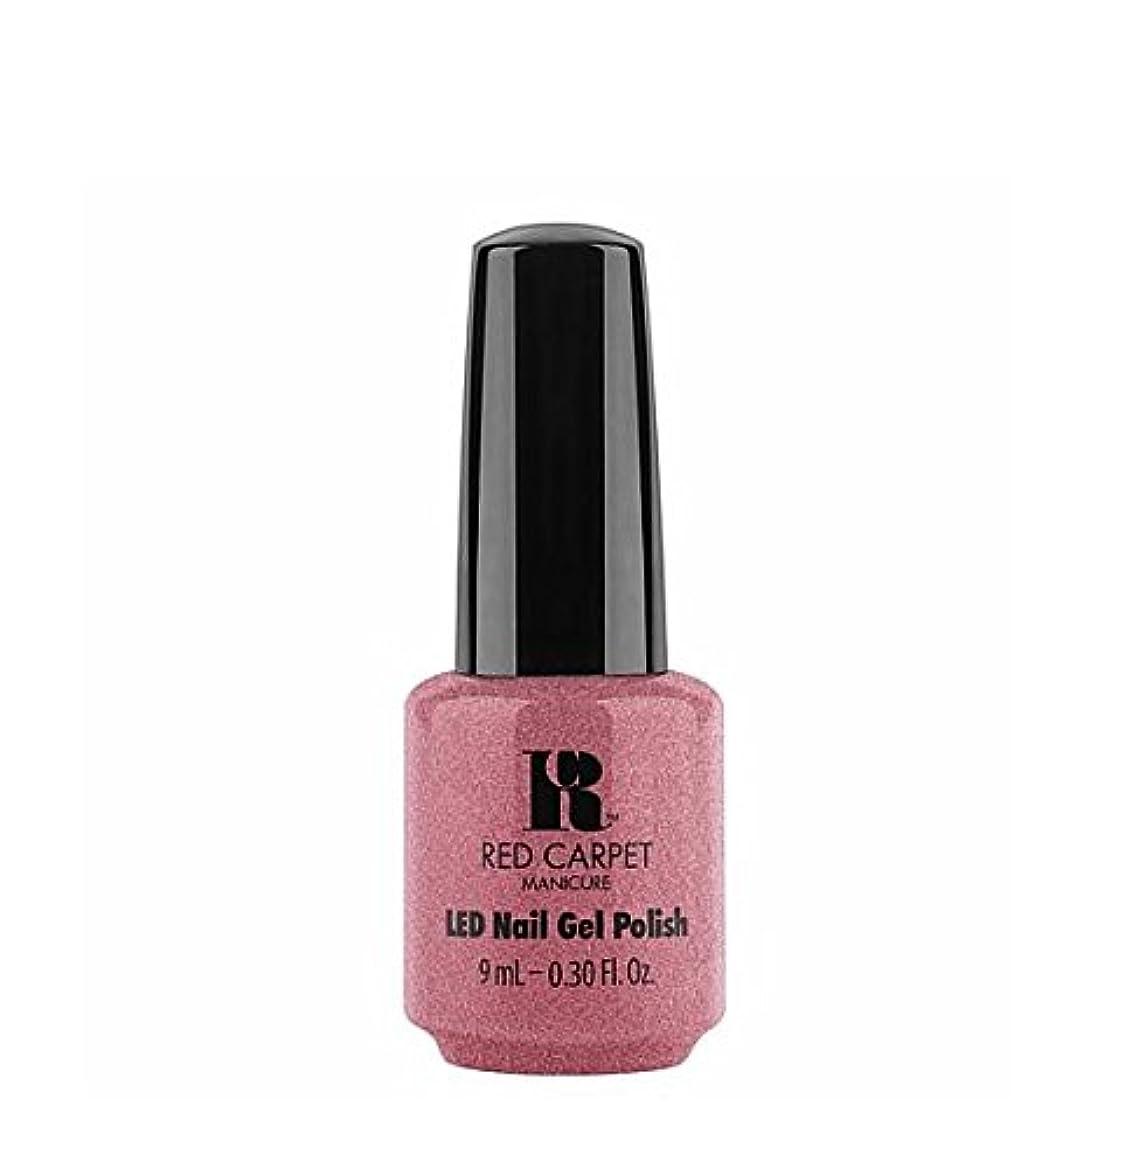 ロマンス日模倣Red Carpet Manicure LED Gel Polish - Buttoned Up Babe - 9 ml/0.30 oz